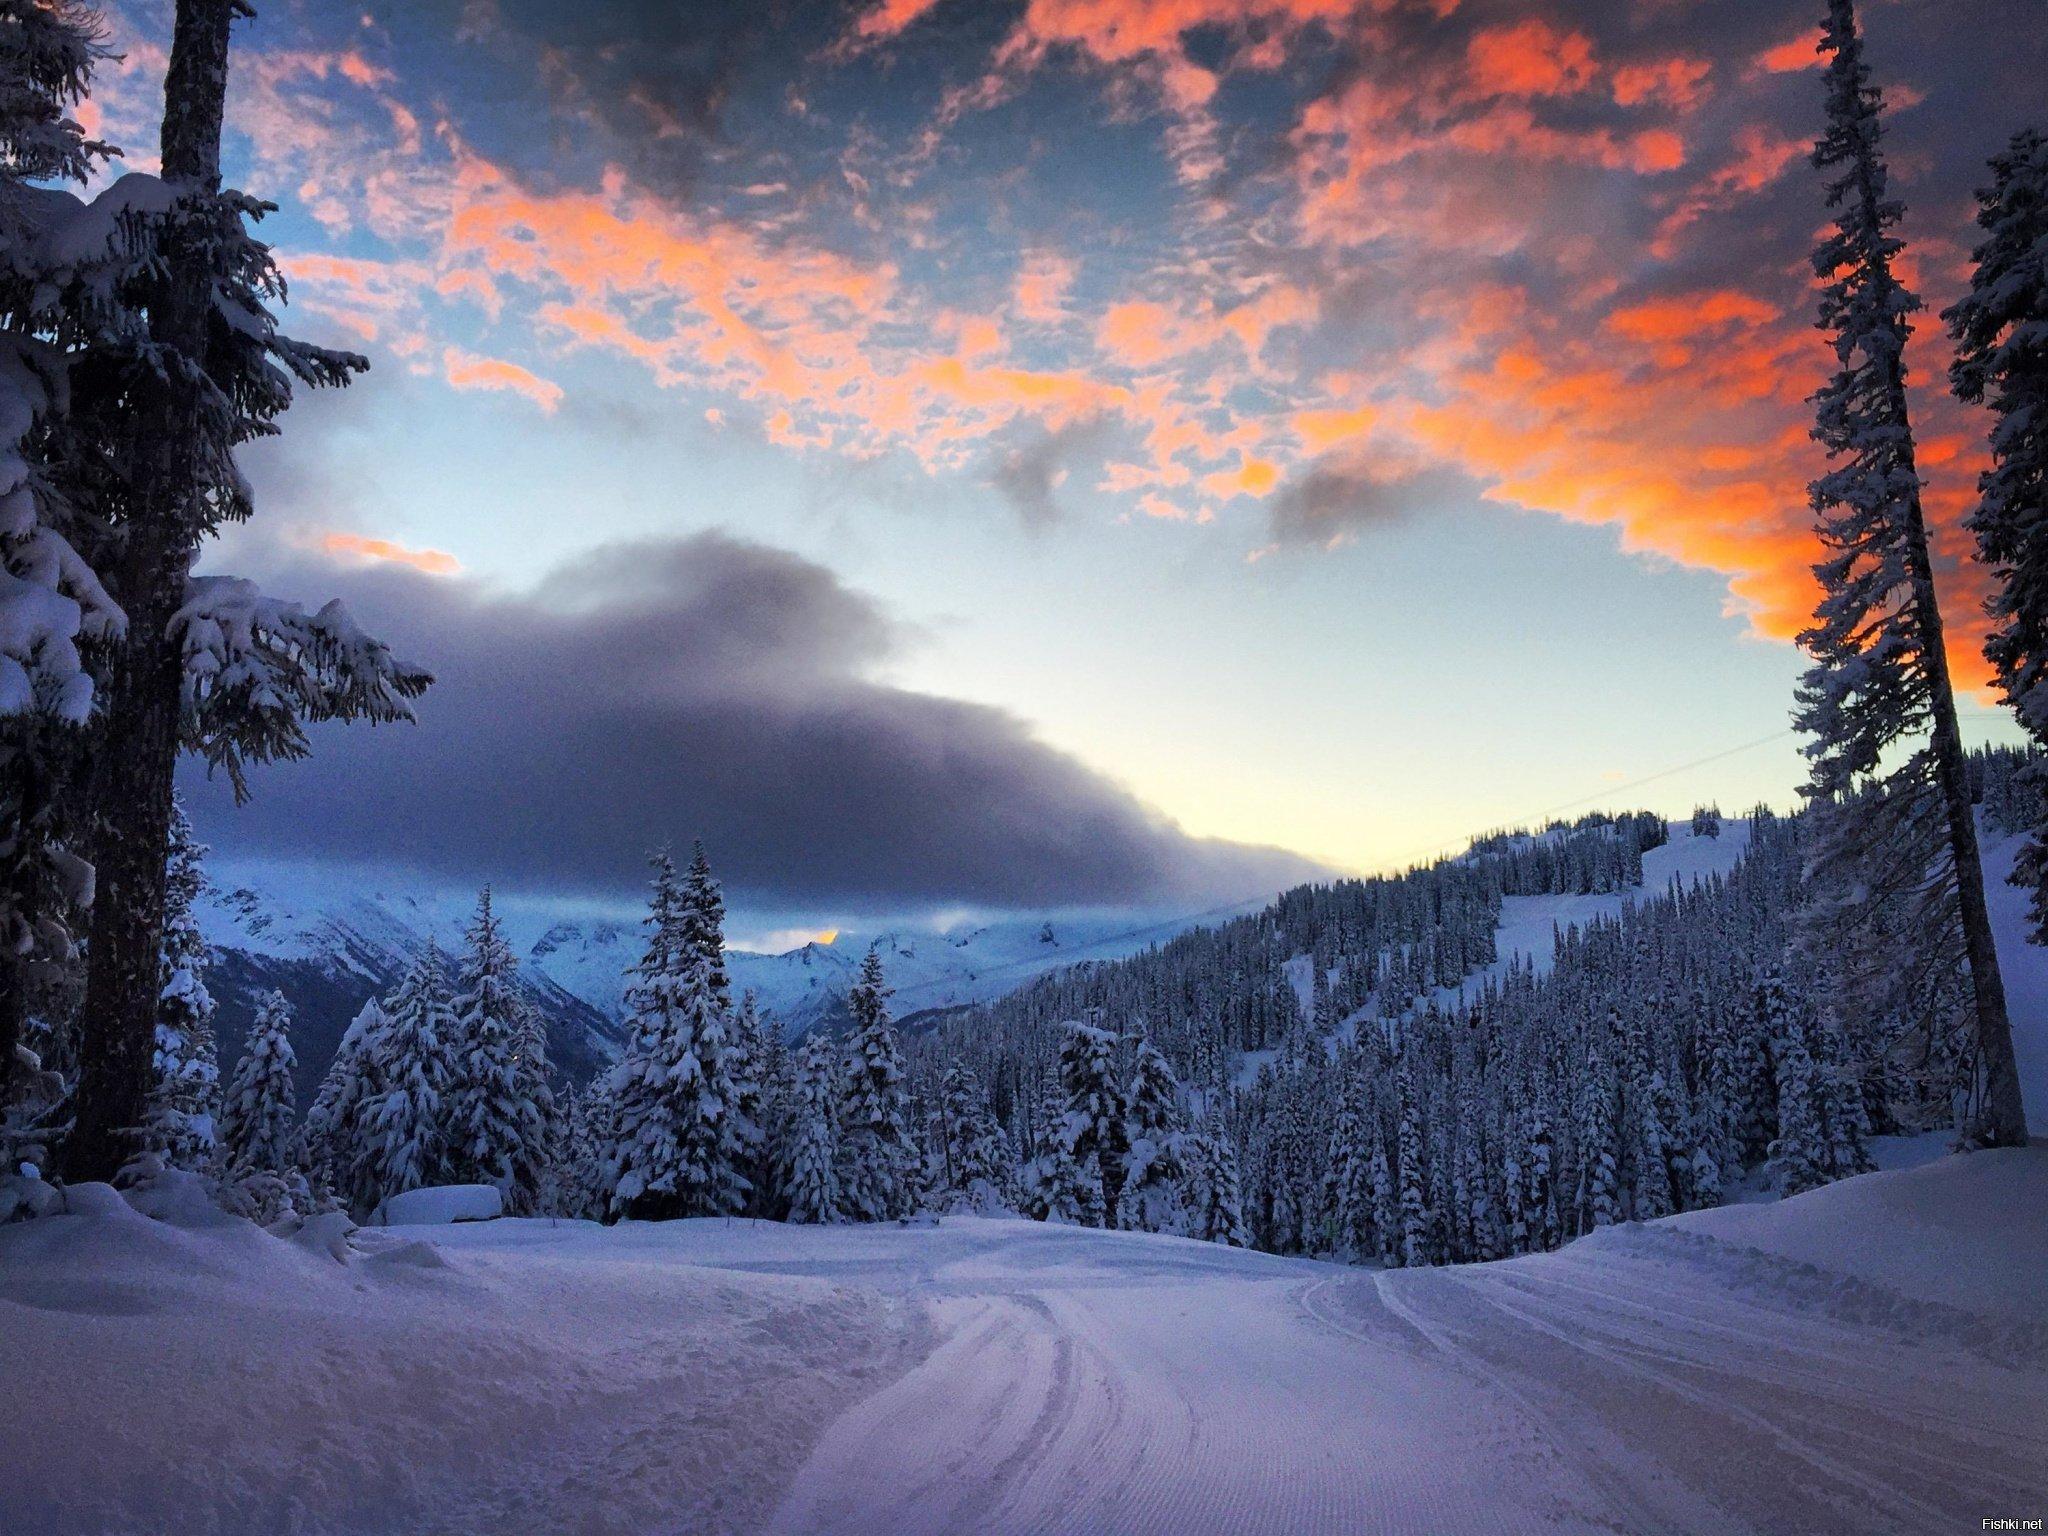 фотографии зимнего пейзажа получил оскар можно